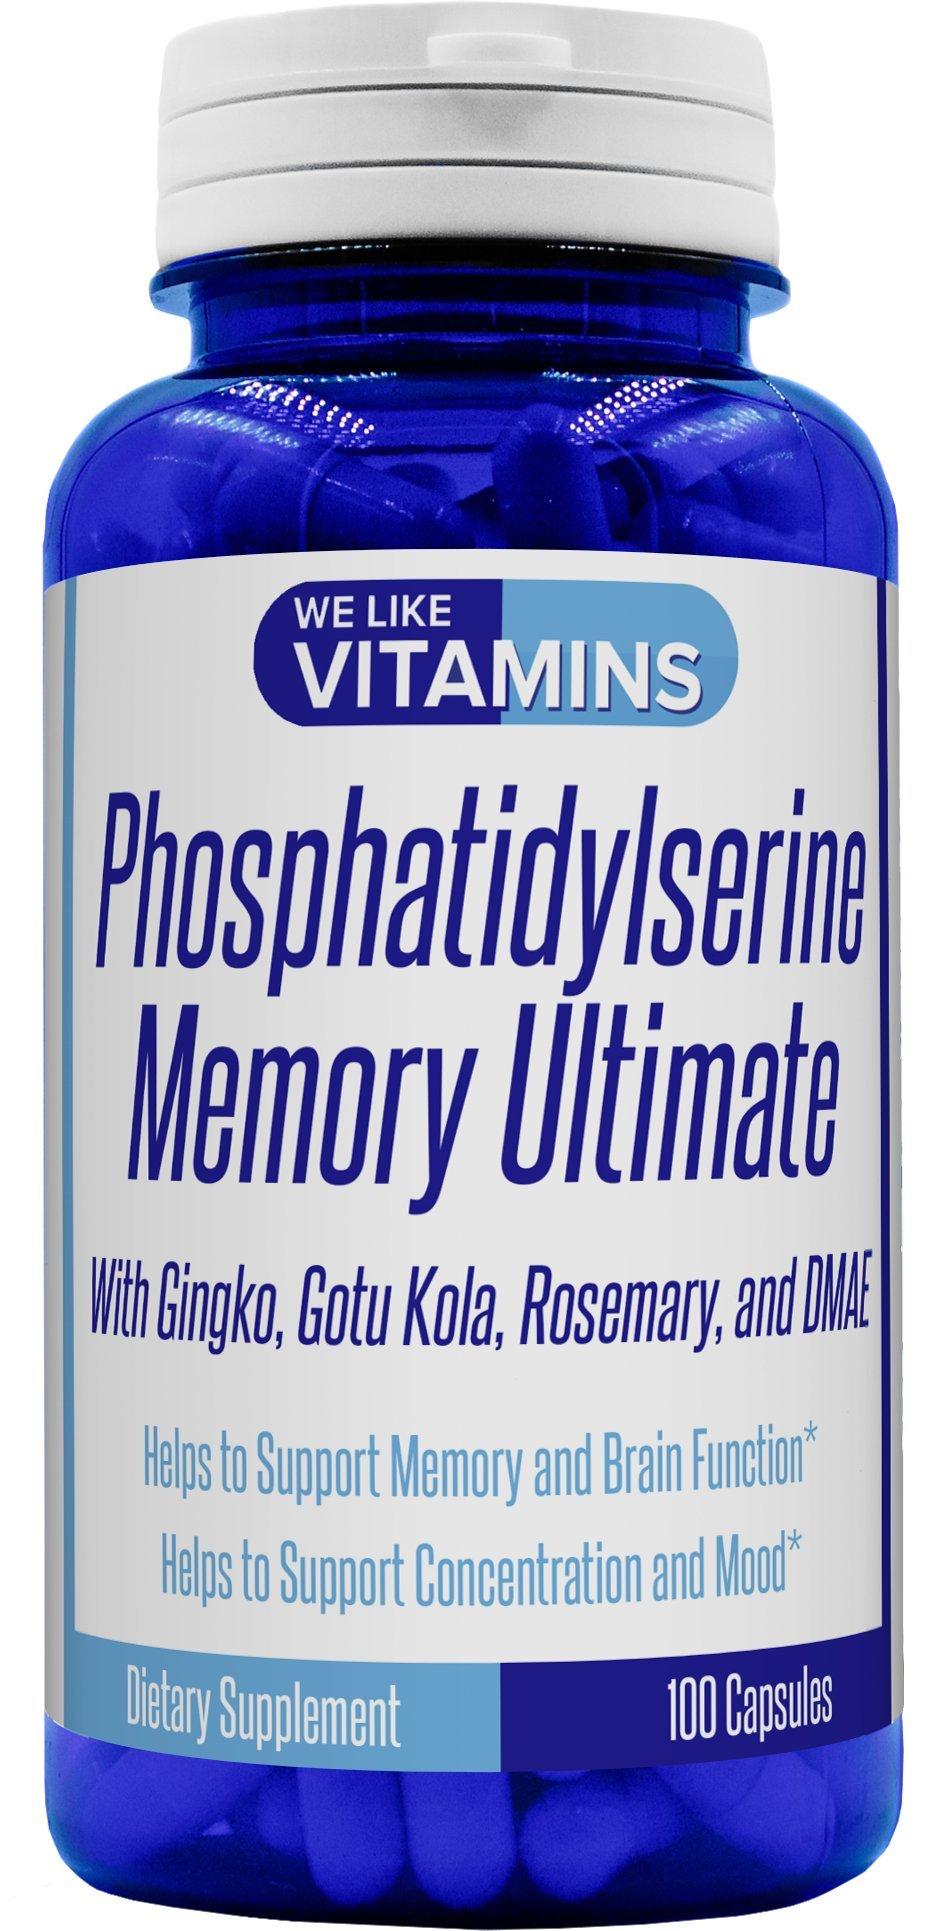 Phosphatidylserine 500mg Memory Ultimate plus Ginkgo and DMAE 100 capsules Best Value Phosphatidyl Serine